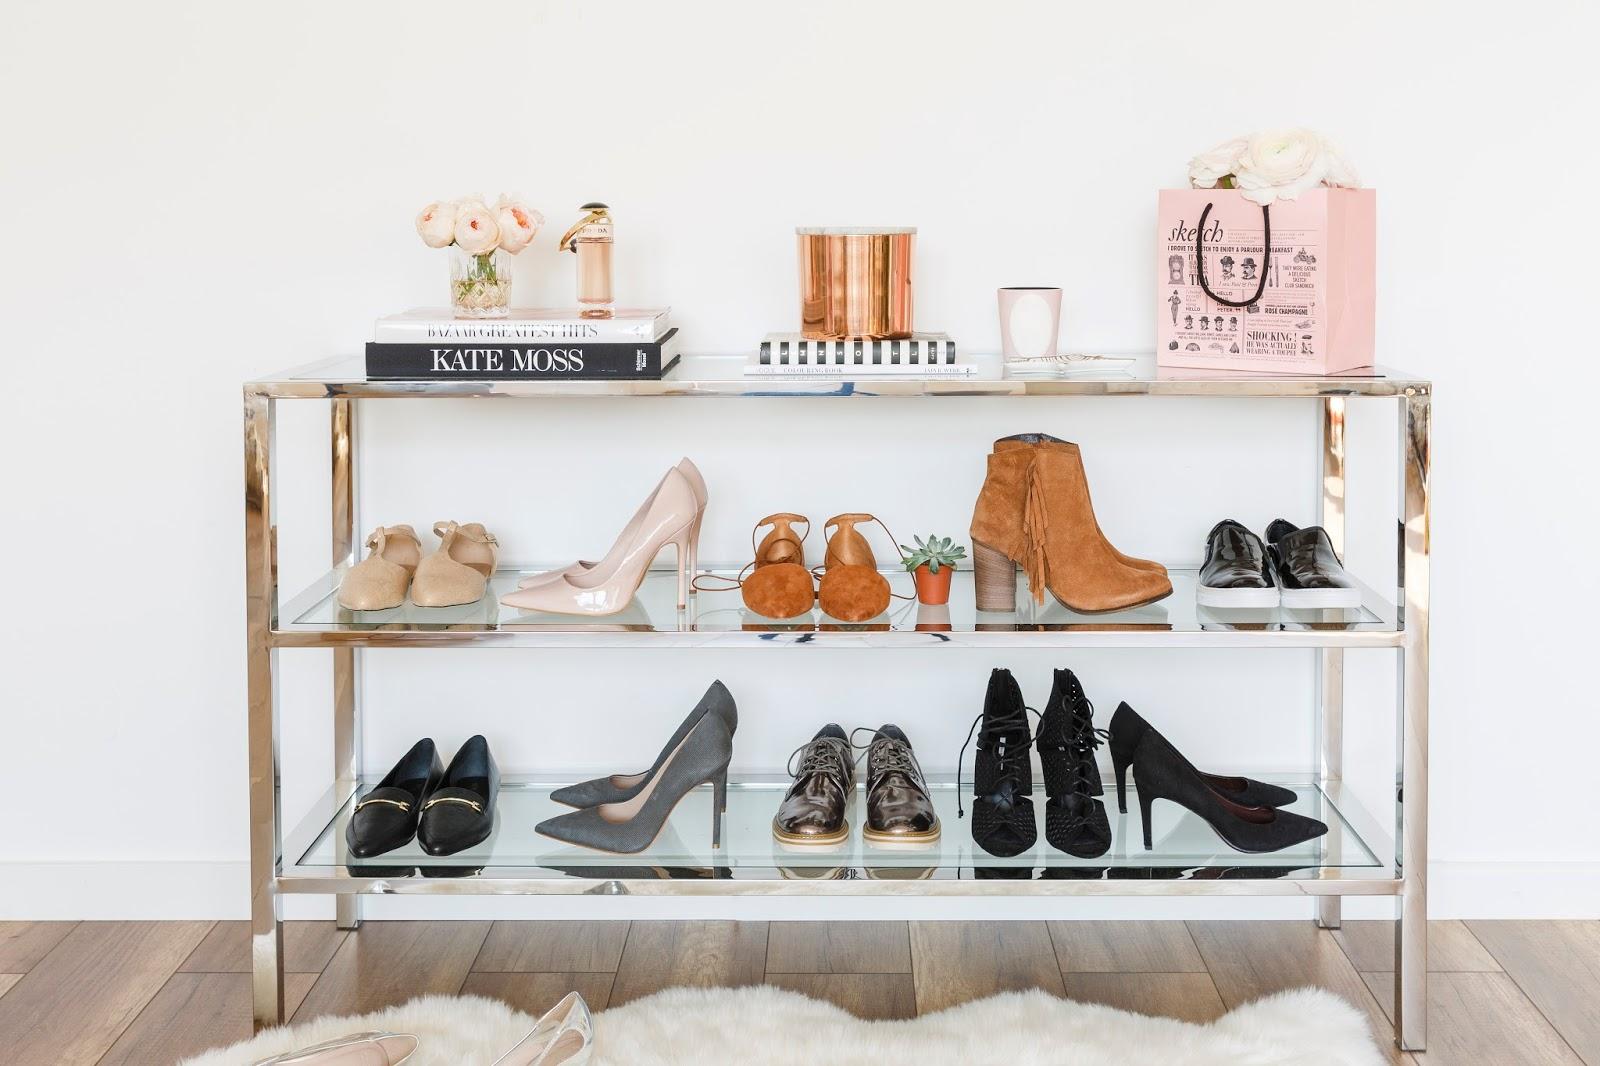 67b4594aa280 Ben jij net zoals ik een echte shoe lover. En heb je zoveel schoenen in je  kamer staan en weet je gewoon niet meer waar je ze laten moet.